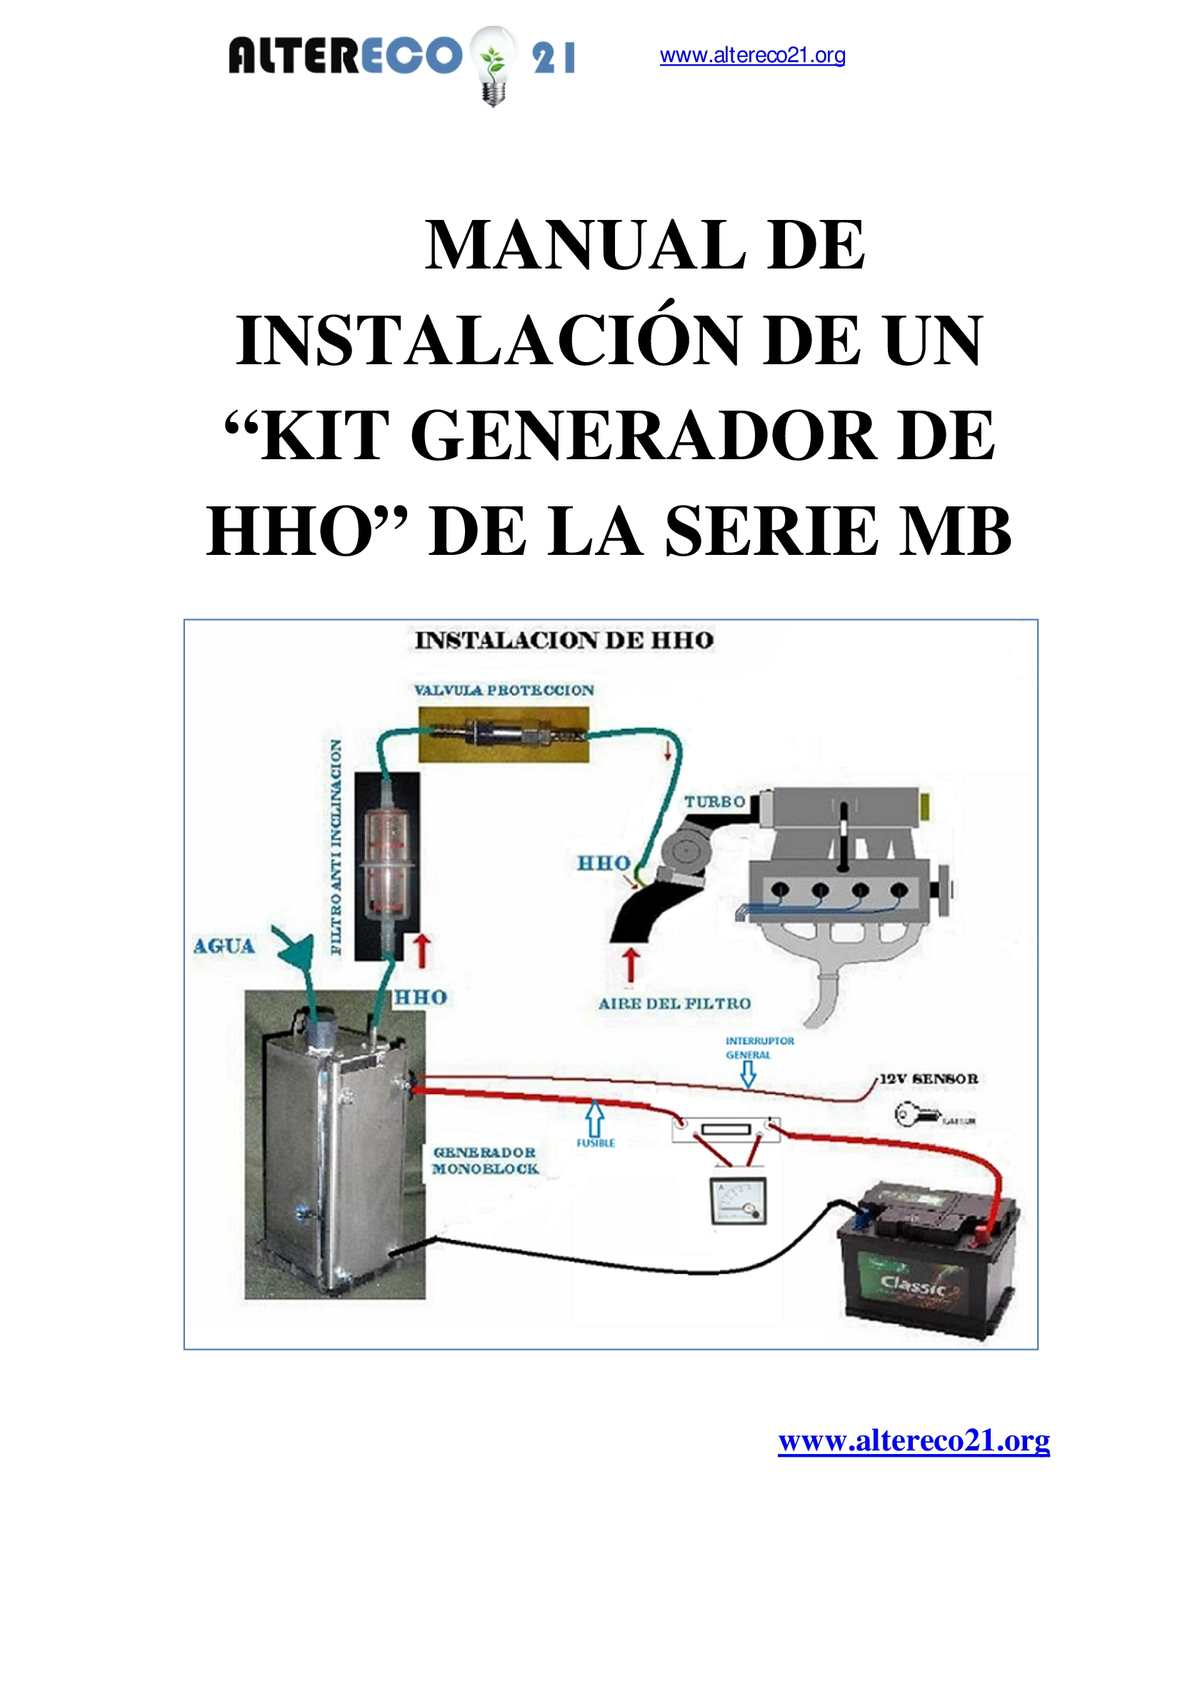 Calaméo - Instalación de Kit HHo de la serie MB de ALTERECO21